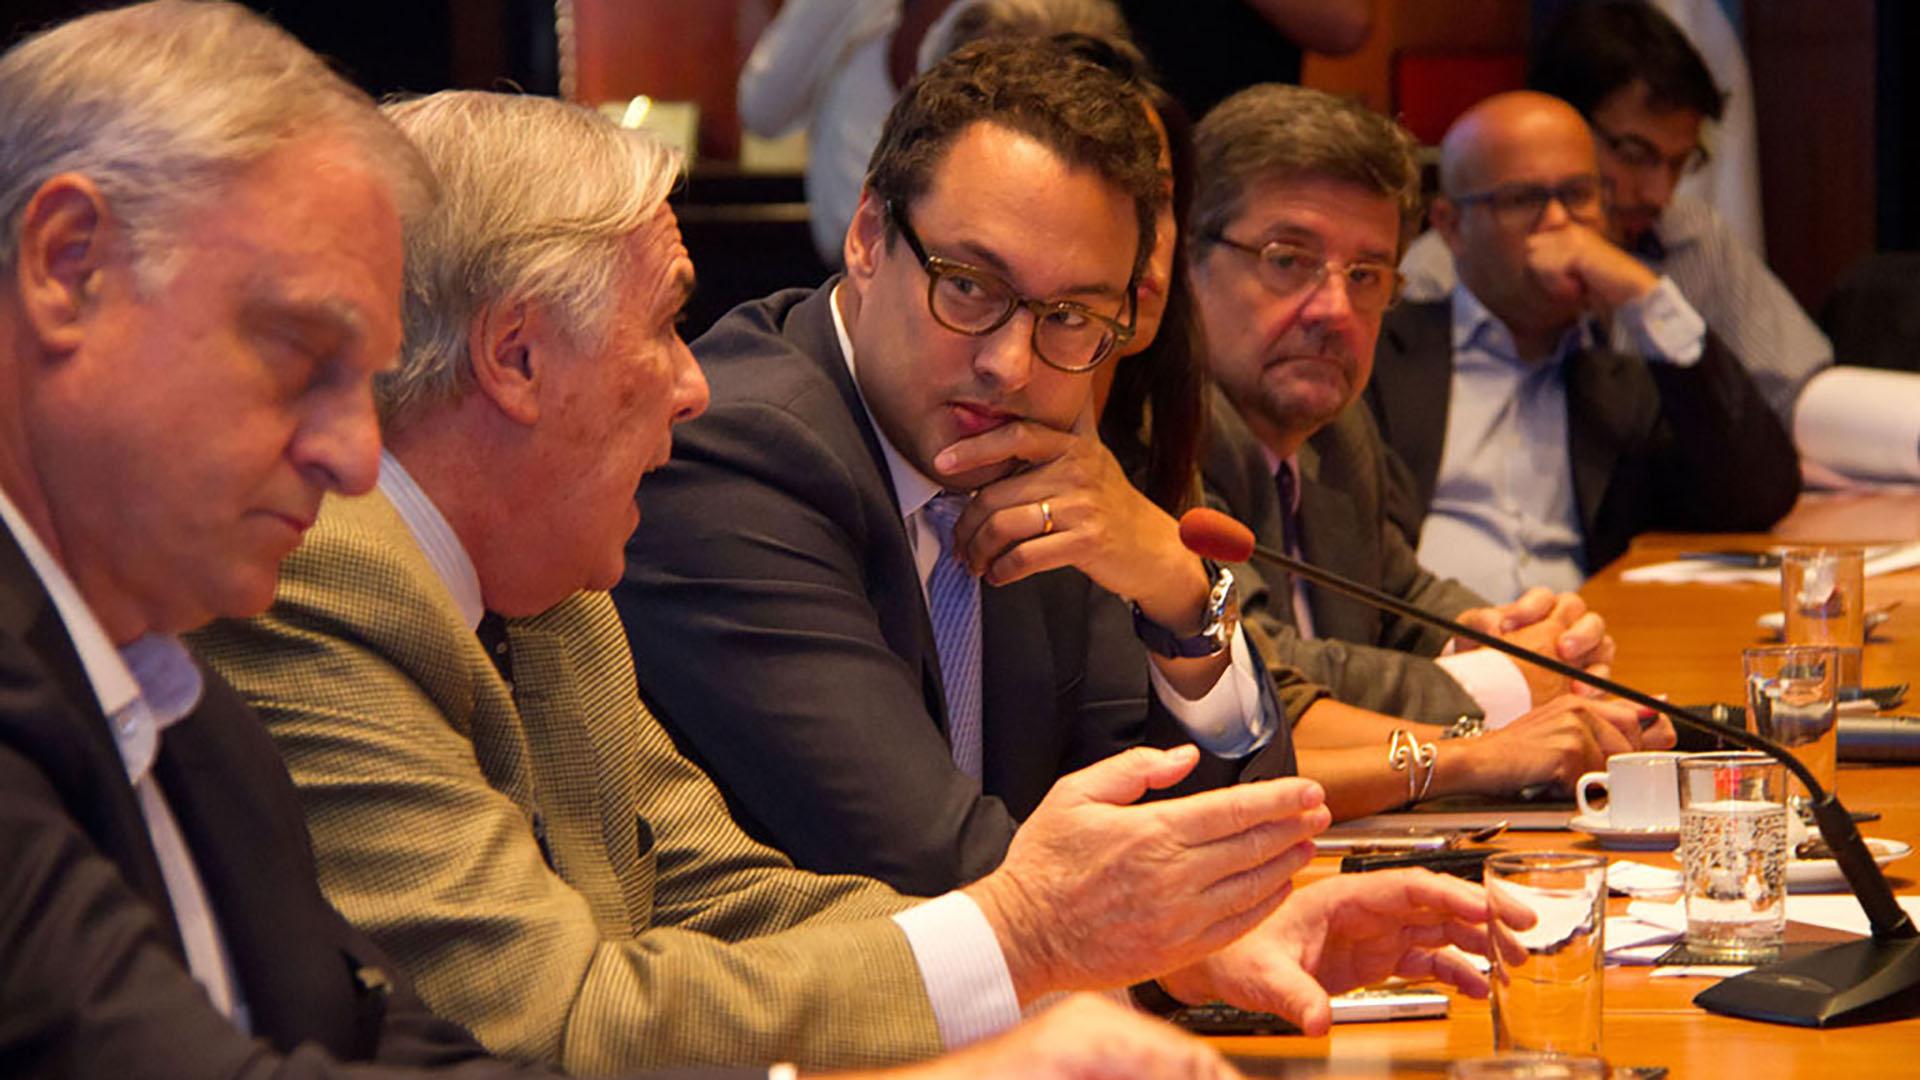 Leandro Cuccioli, director de la AFIP, resaltó la labor de su antecesor, Alberto Abad, y mantuvo a los responsables de la primera línea del organismo e incorporó a dos (AFIP)